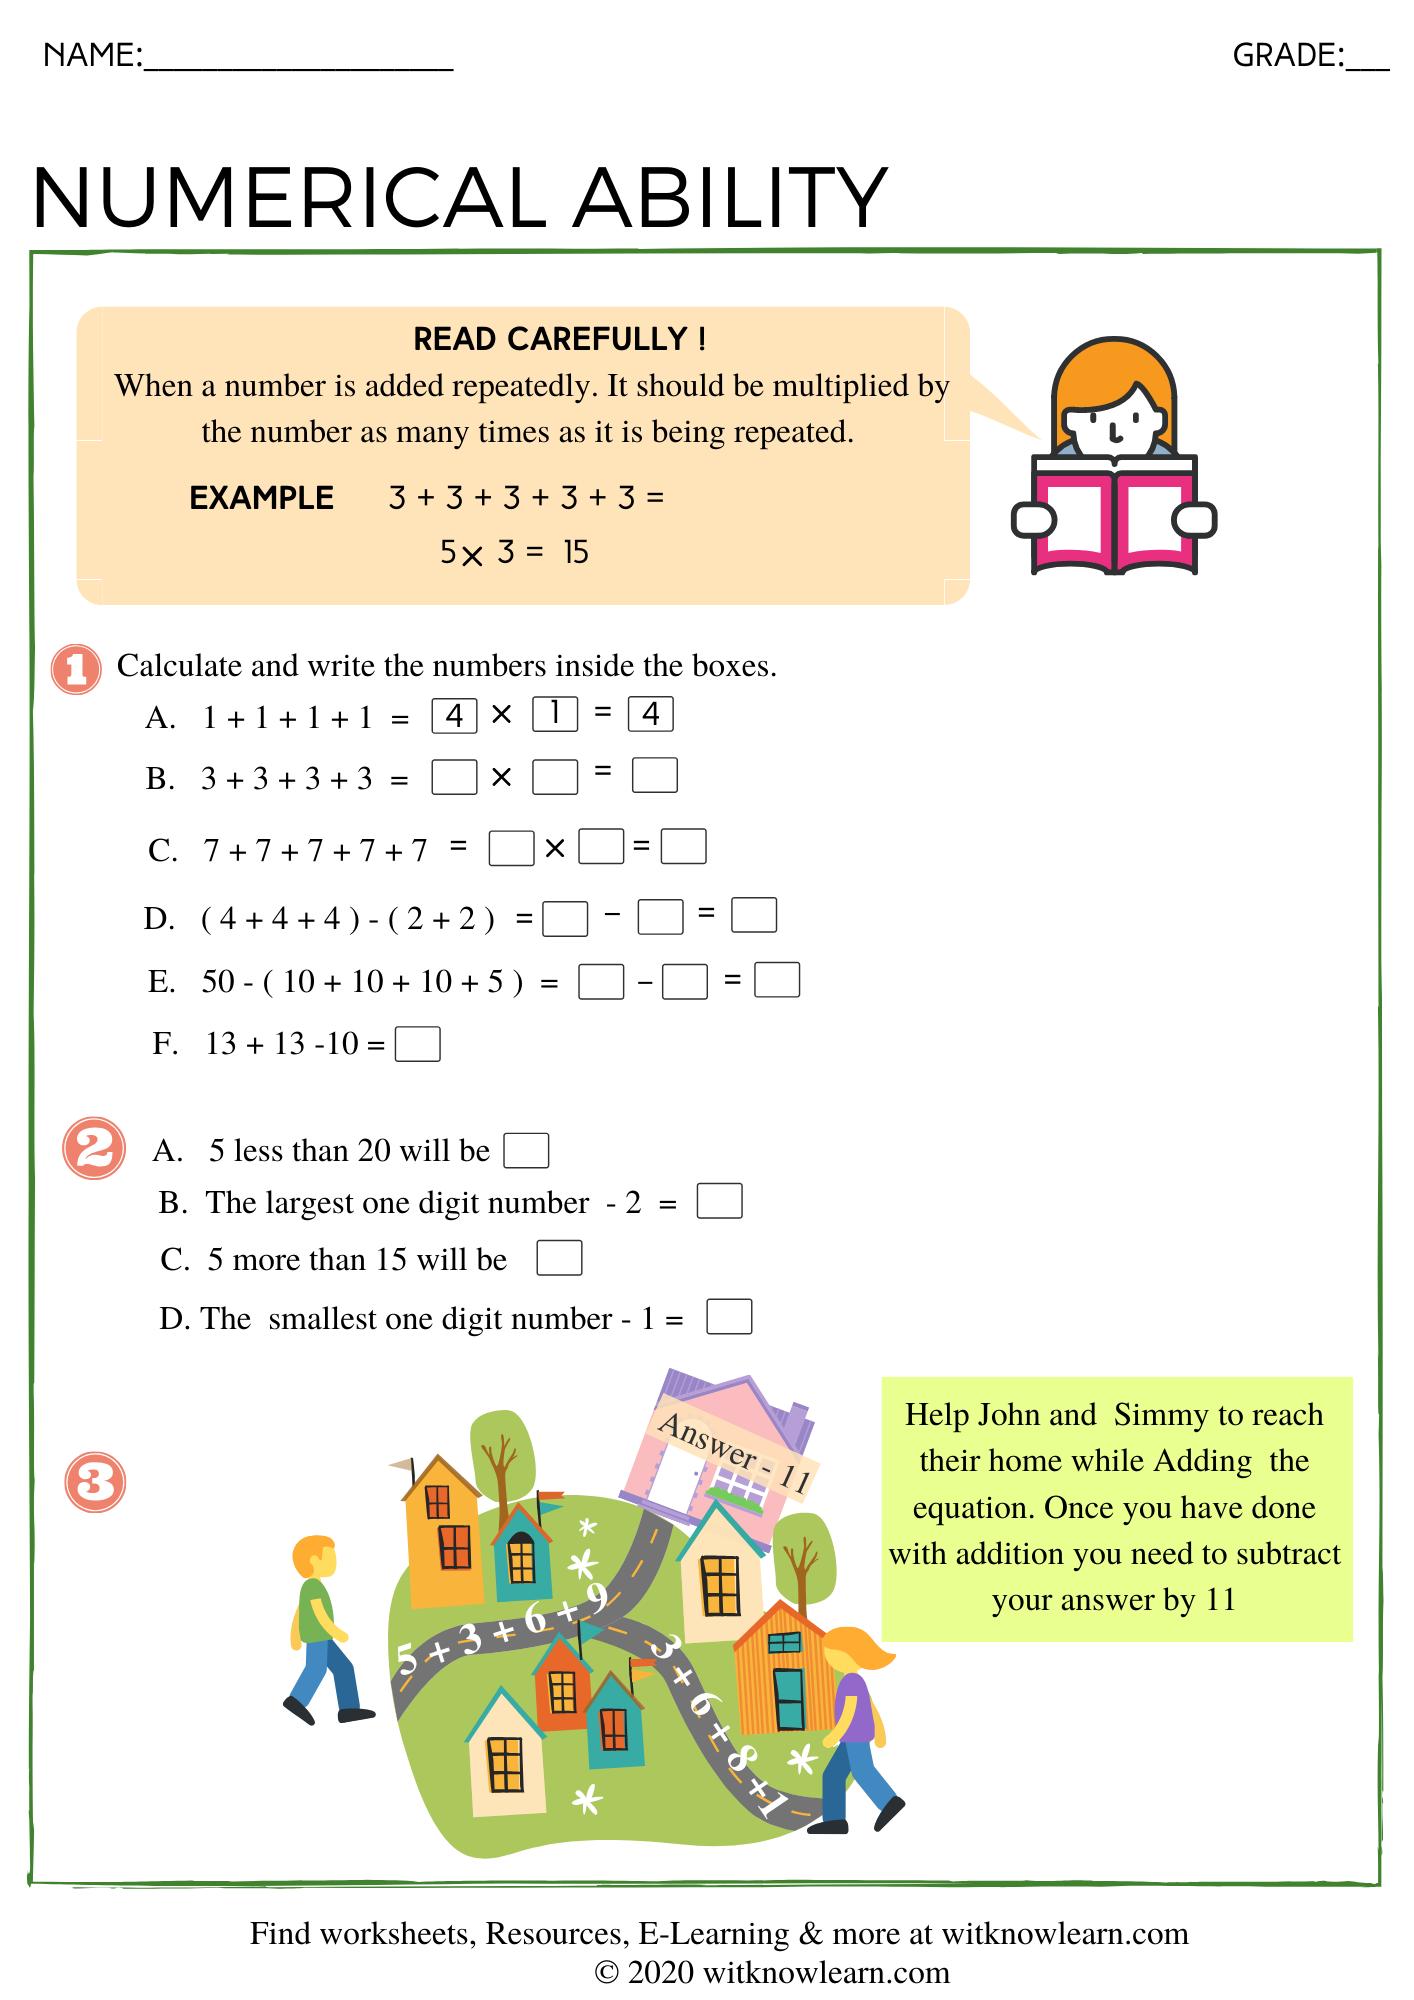 Numerical Ability Worksheet For Grade 1 1st Grade Worksheets Worksheets Printable Worksheets [ 2000 x 1414 Pixel ]